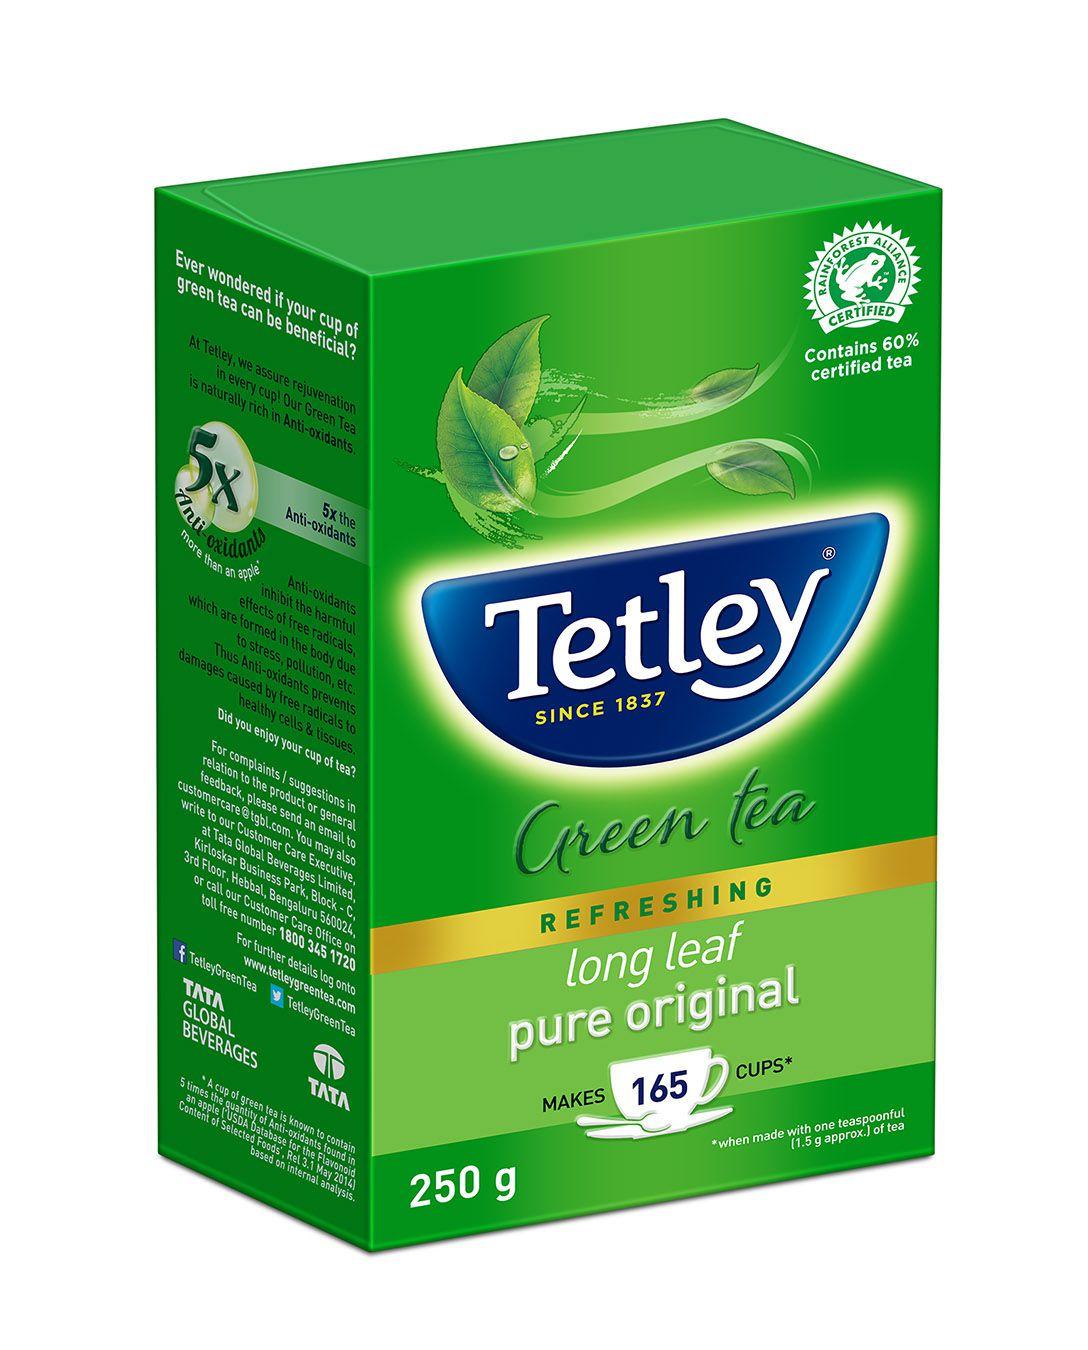 Tata tea tetley case study